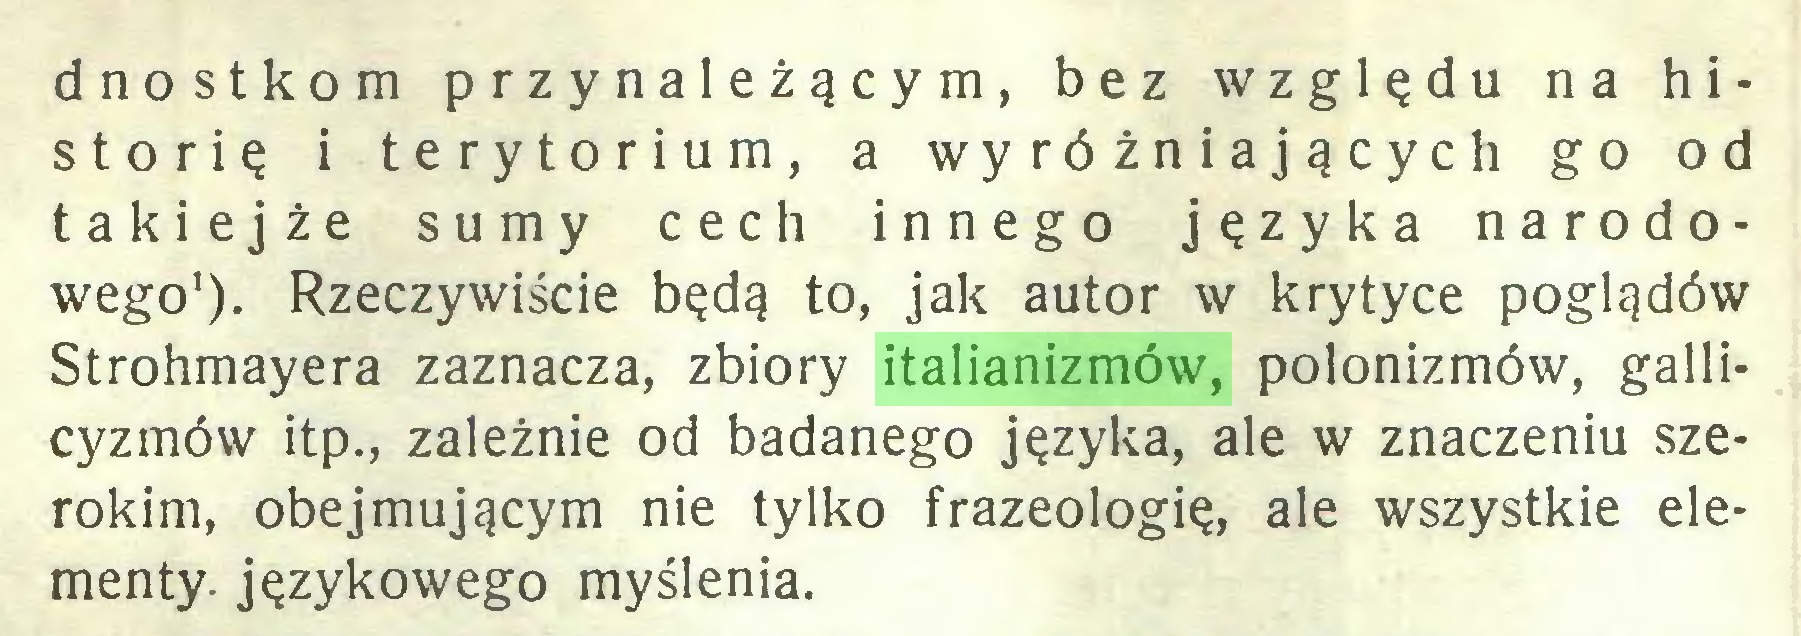 (...) dnostkom przynależącym, bez względu na historię i terytorium, a wyróżniających go od takiejże sumy cech innego języka narodowego1). Rzeczywiście będą to, jak autor w krytyce poglądów Strohmayera zaznacza, zbiory italianizmów, polonizmów, gallicyzmów itp., zależnie od badanego języka, ale w znaczeniu szerokim, obejmującym nie tylko frazeologię, ale wszystkie elementy- językowego myślenia...